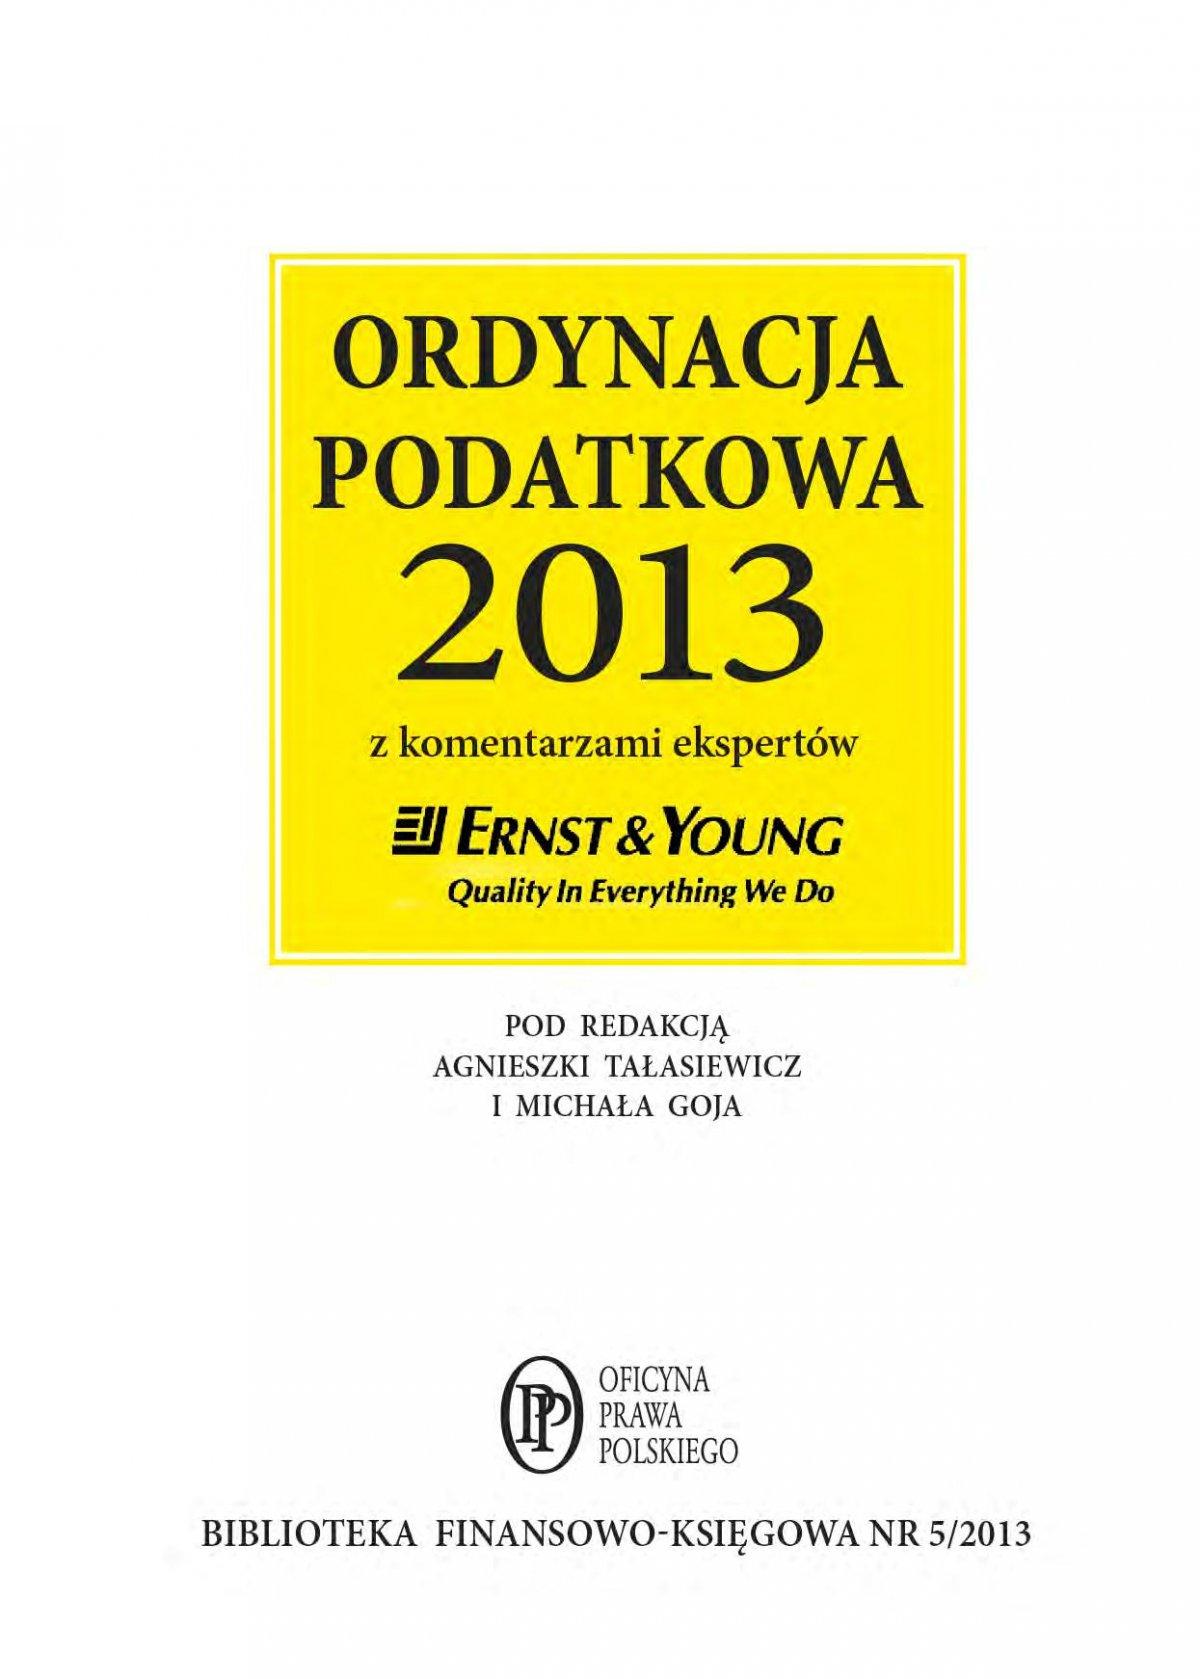 Ordynacja podatkowa 2013 wraz z komentarzem ekspertów Ernst & Young - Ebook (Książka EPUB) do pobrania w formacie EPUB